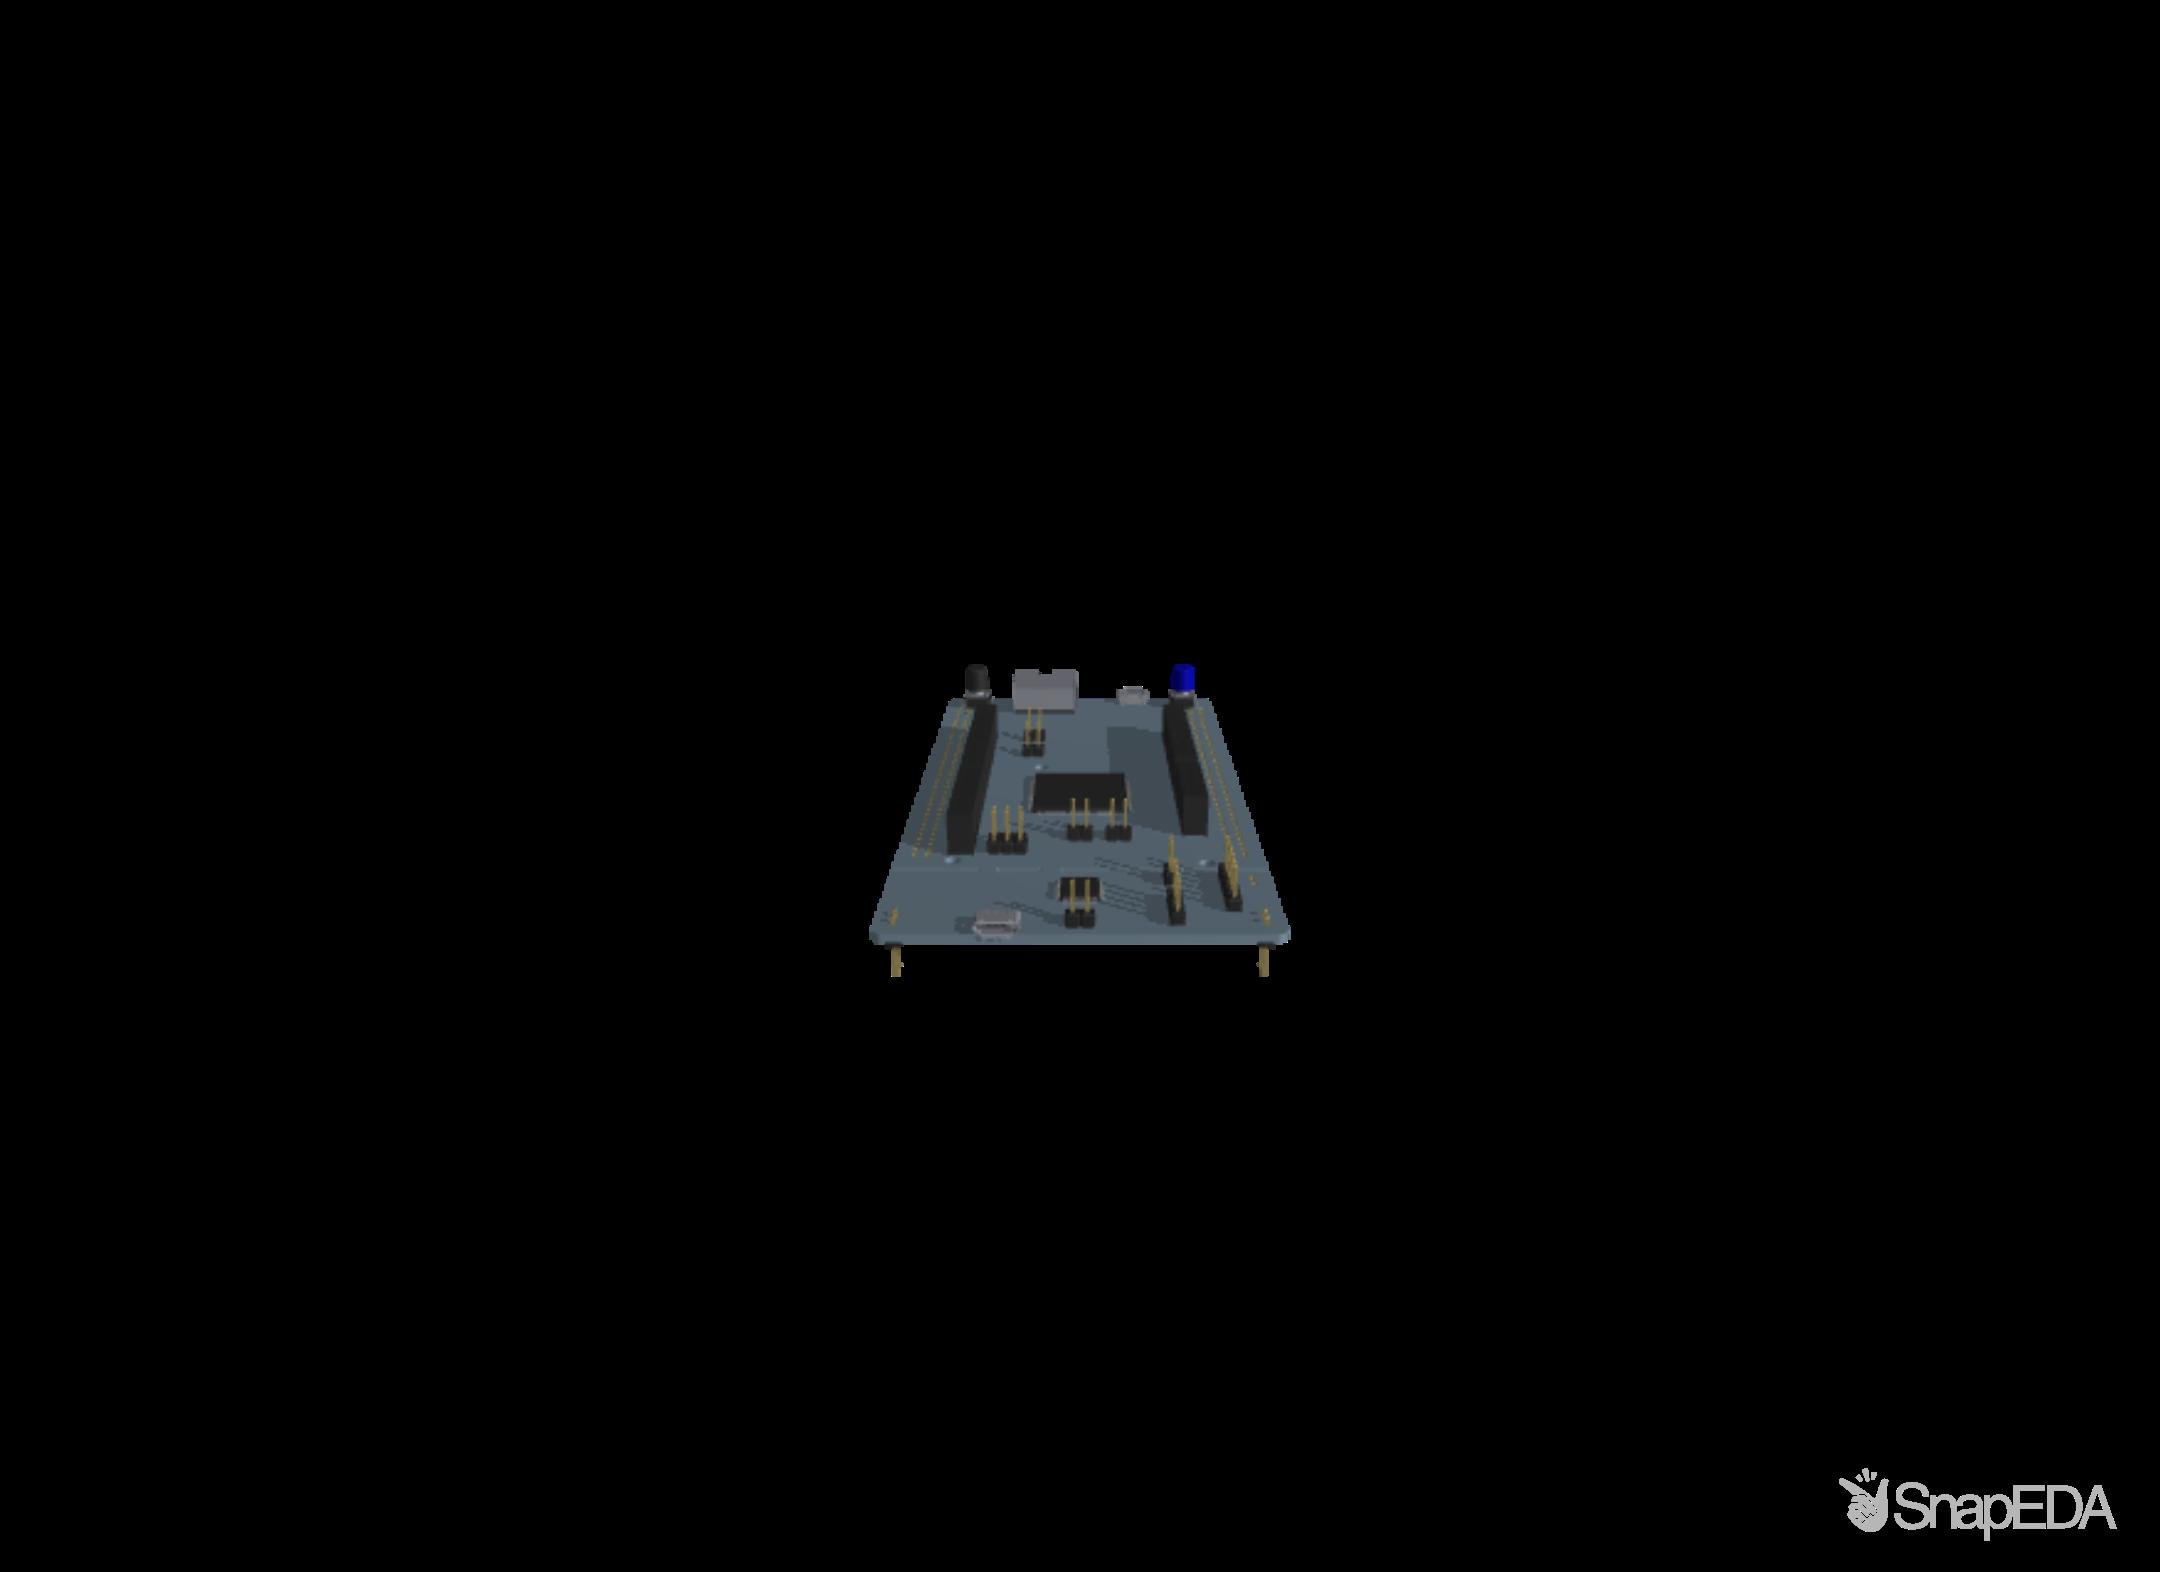 NUCLEO-F429ZI 3D Model